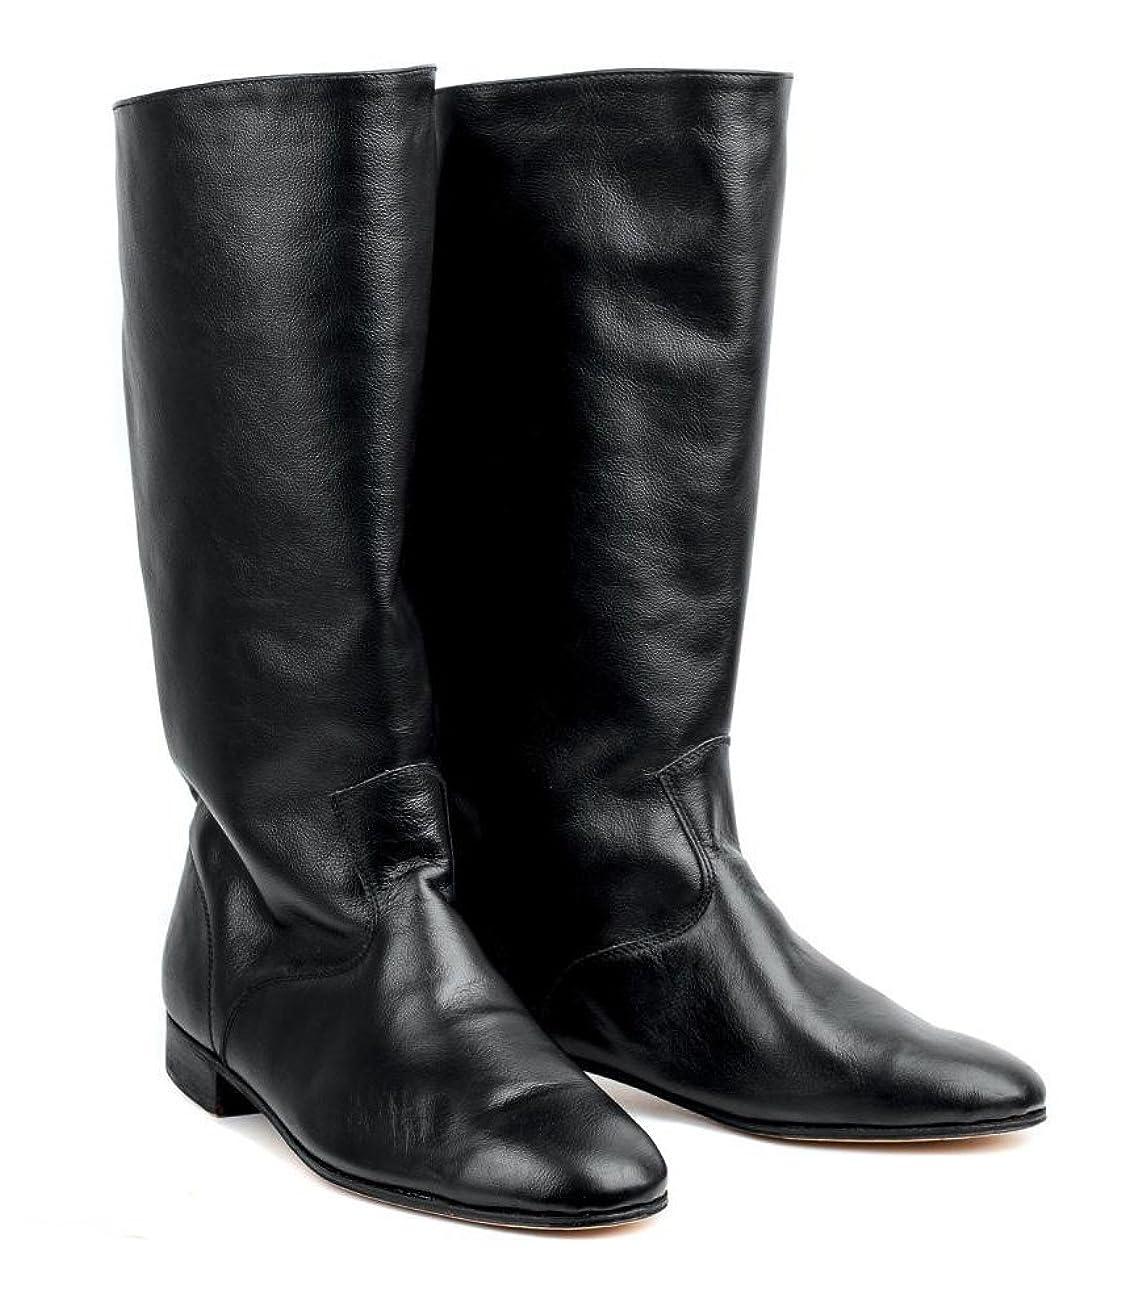 Russian leather boots men dance shoes Kozaken